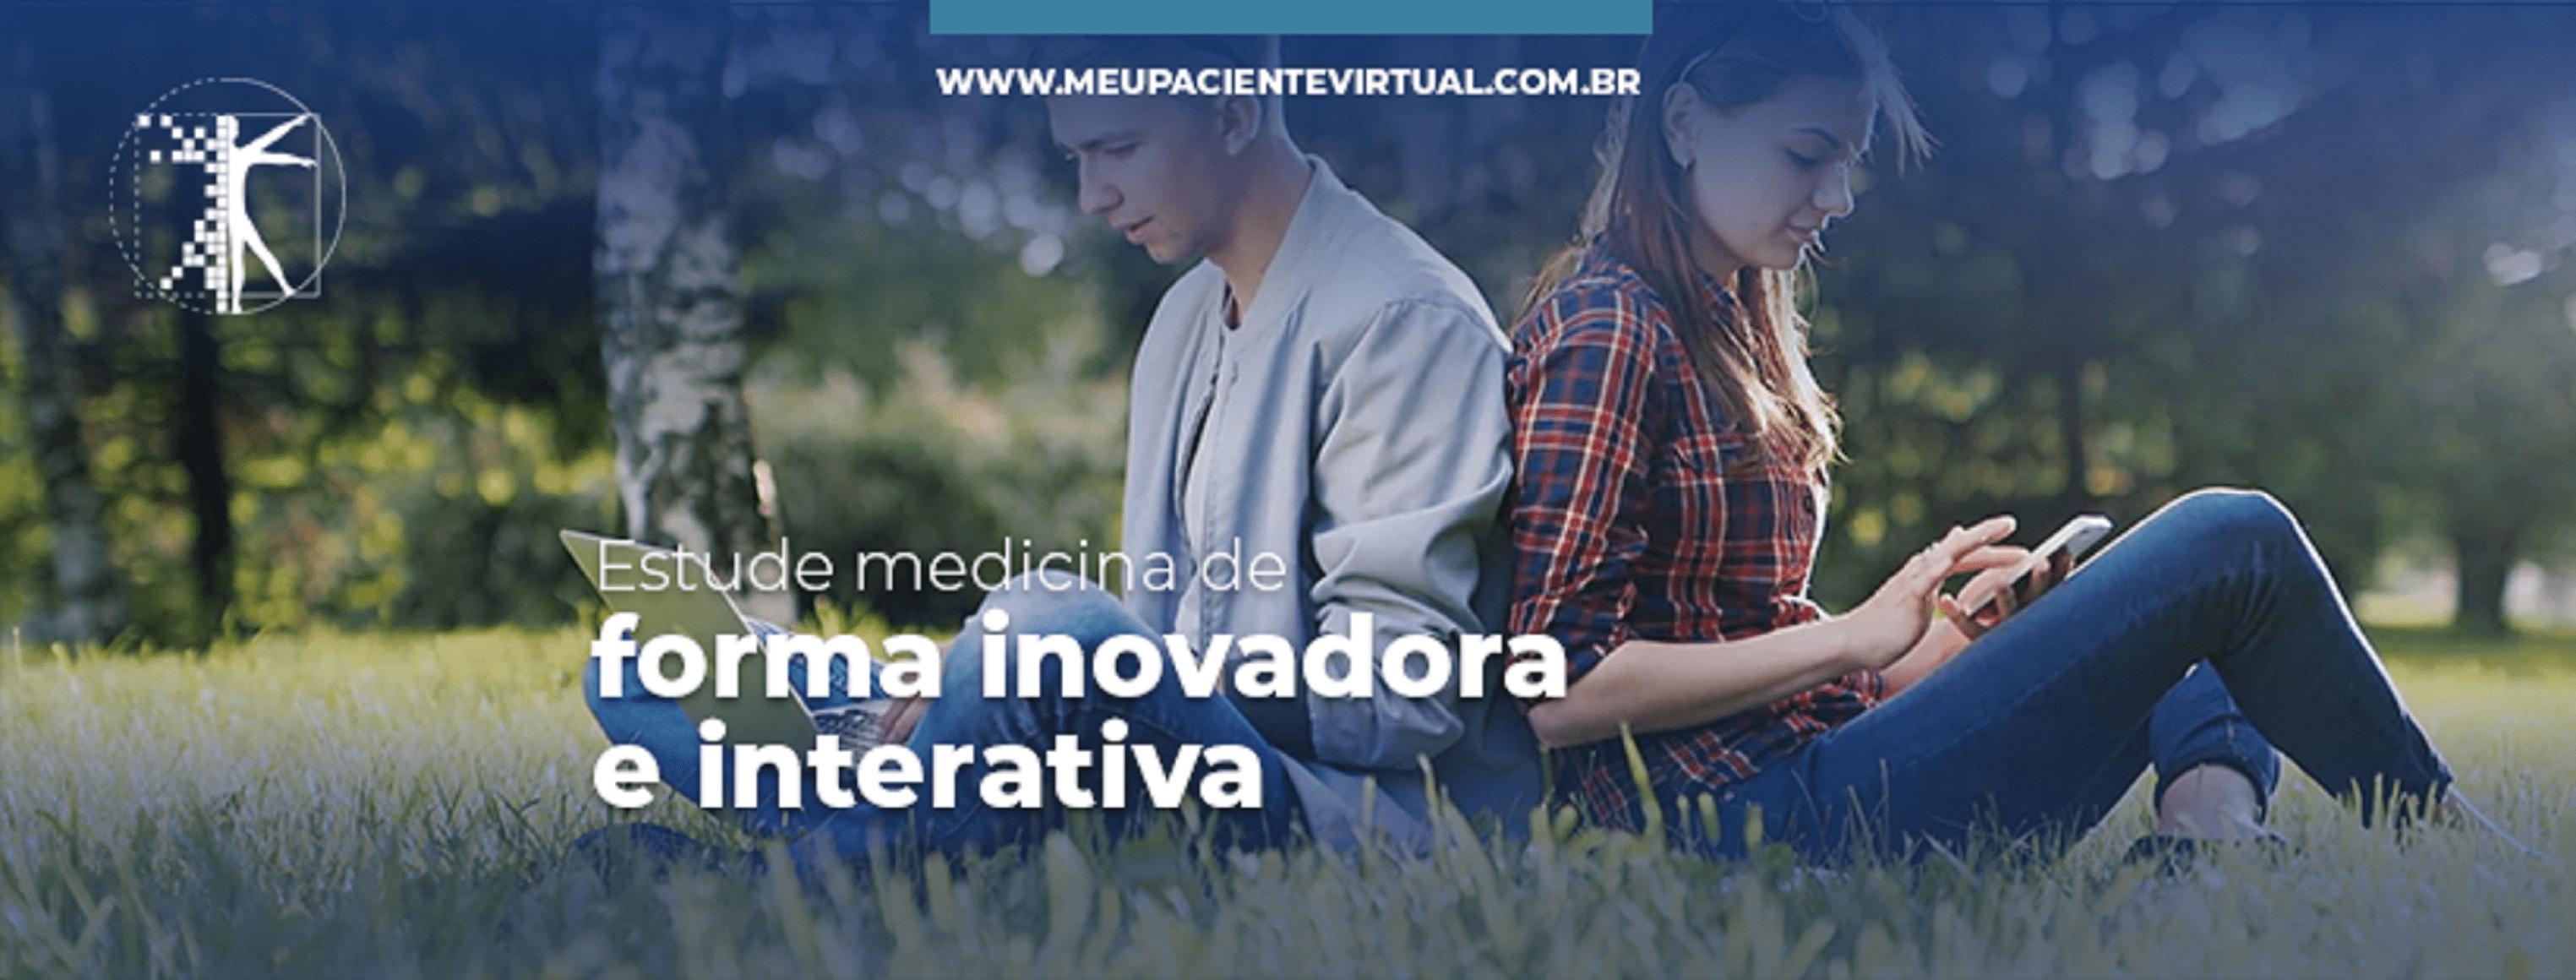 O Meupacientevirtual é a única plataforma de casos clínicos com pessoas reais, onde você interage e decide em cada etapa de uma consulta médica.